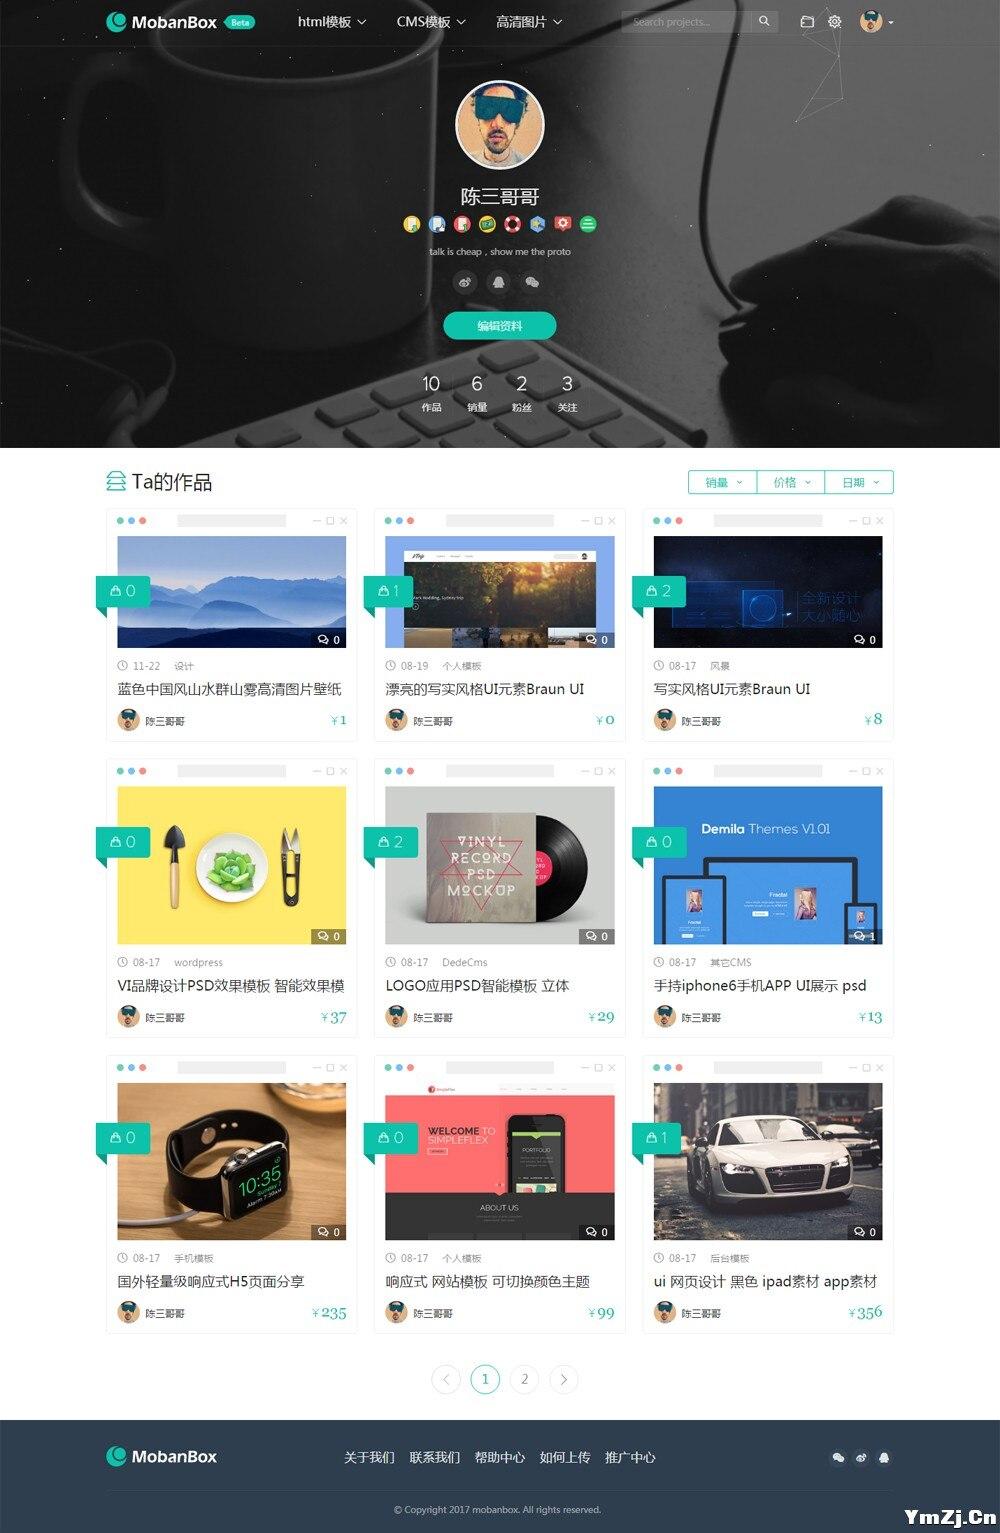 模板盒子Mobanbox网站模板资源站系统源码图库素材交易网站源码